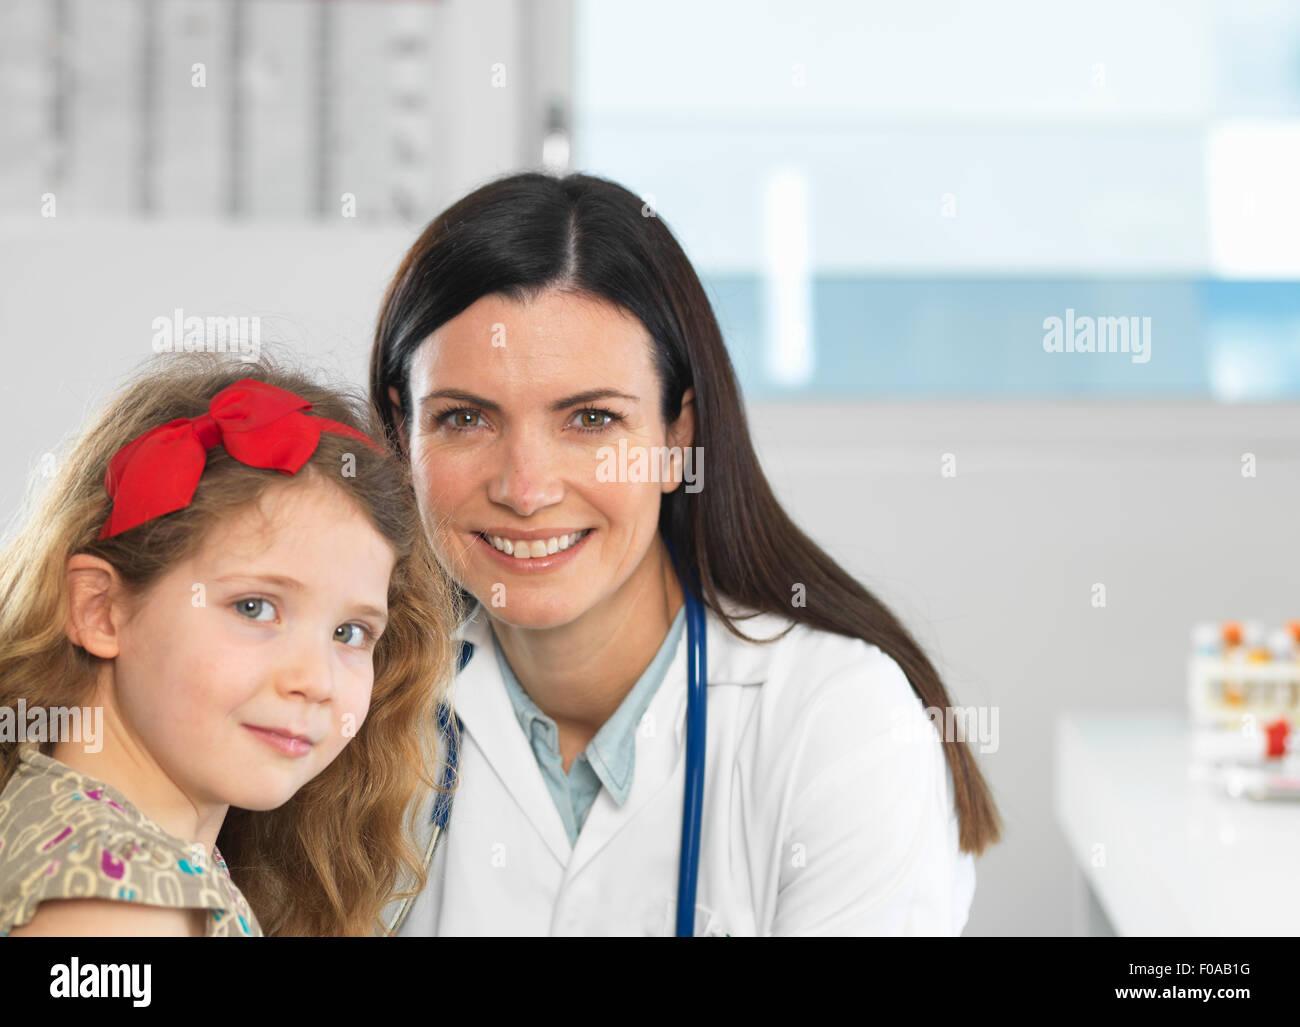 Medico il legame con la ragazza giovane durante la consultazione Immagini Stock